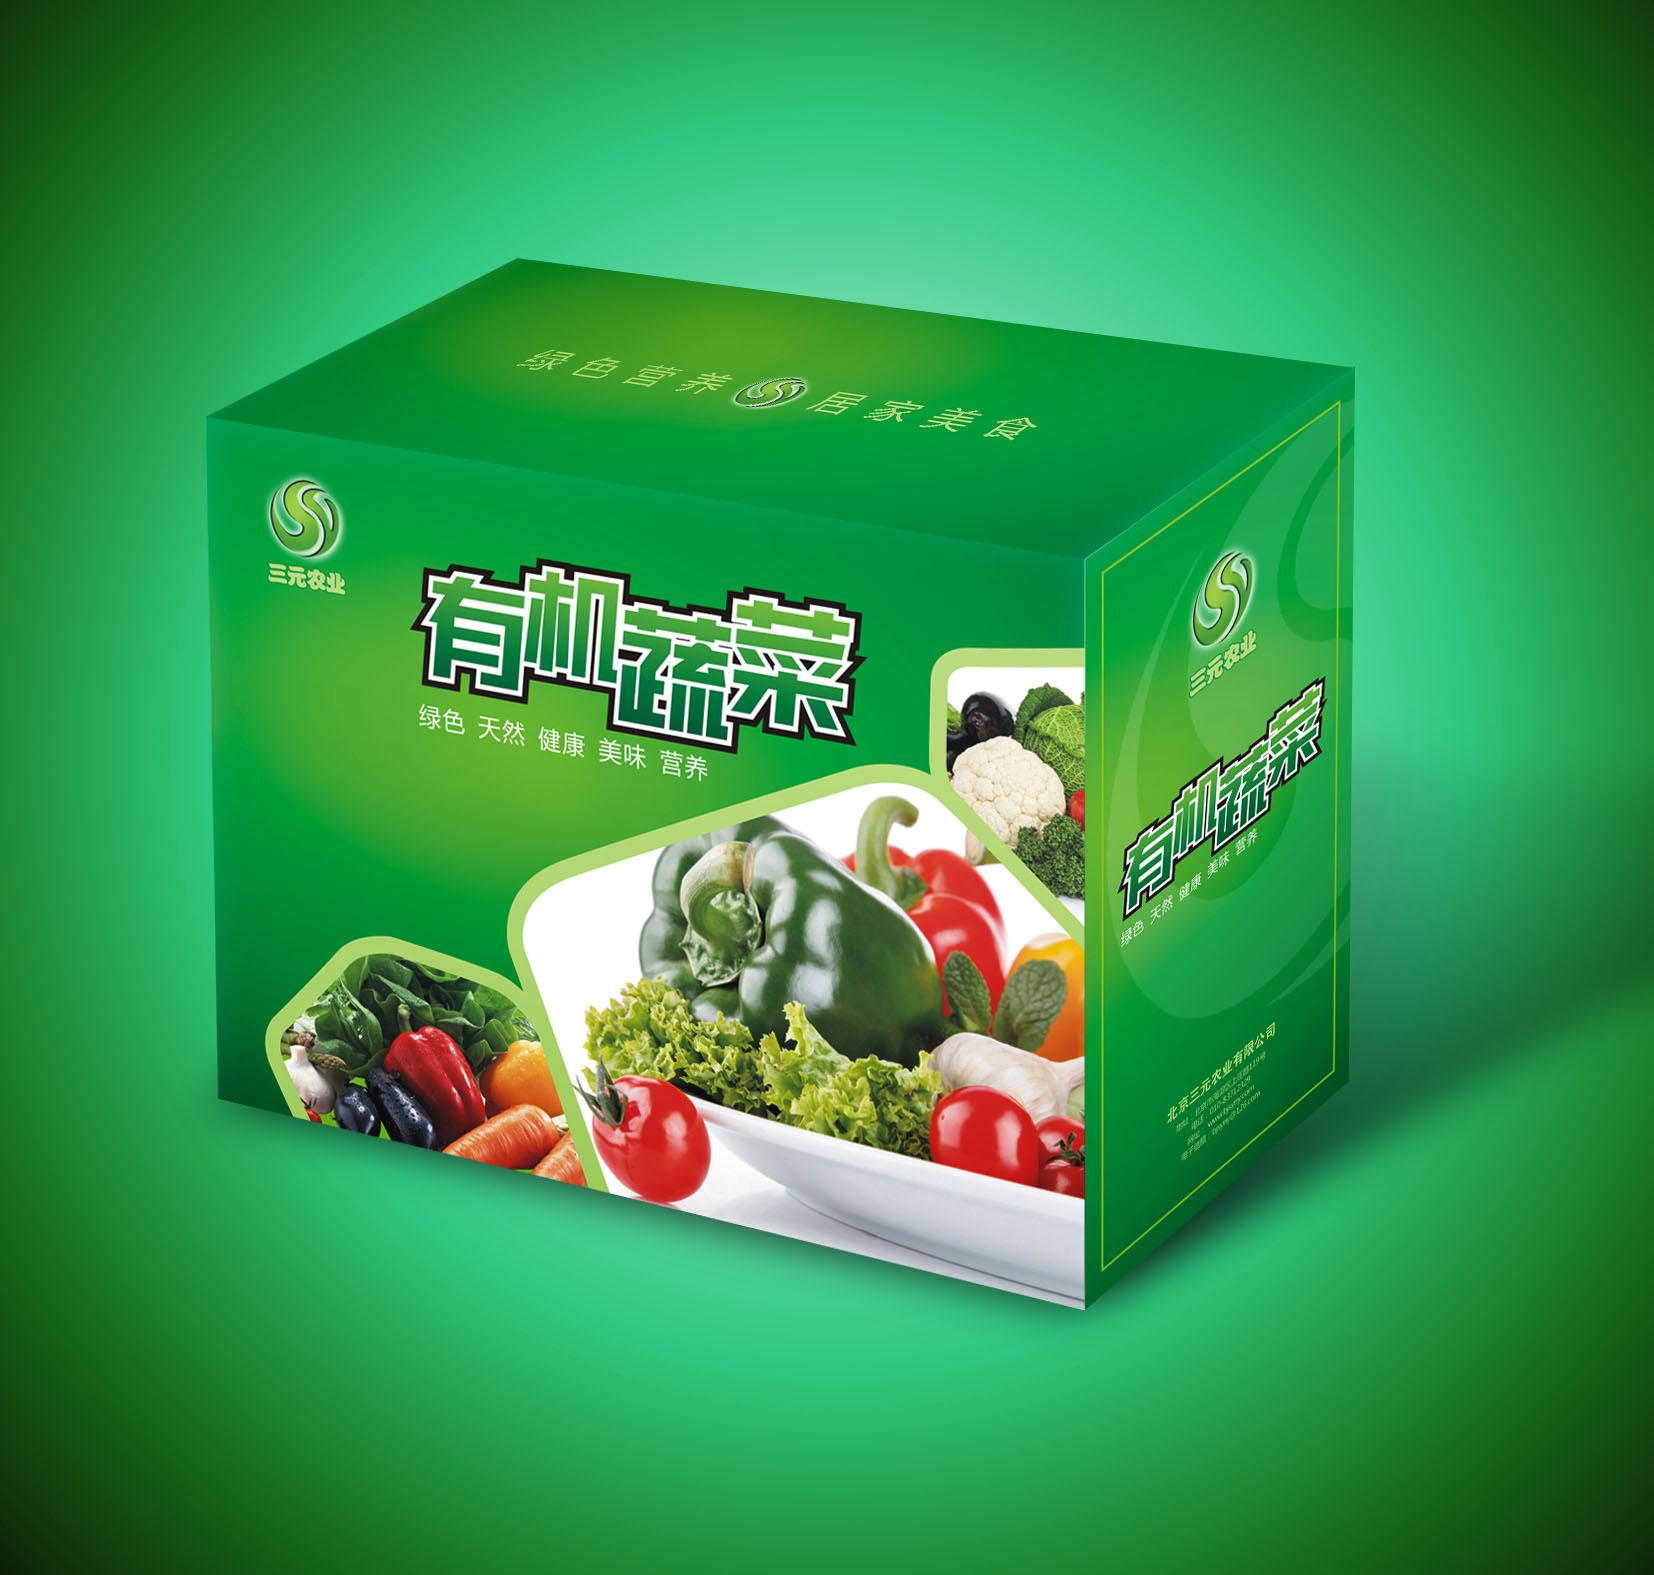 蔬菜包装箱设计_2698591